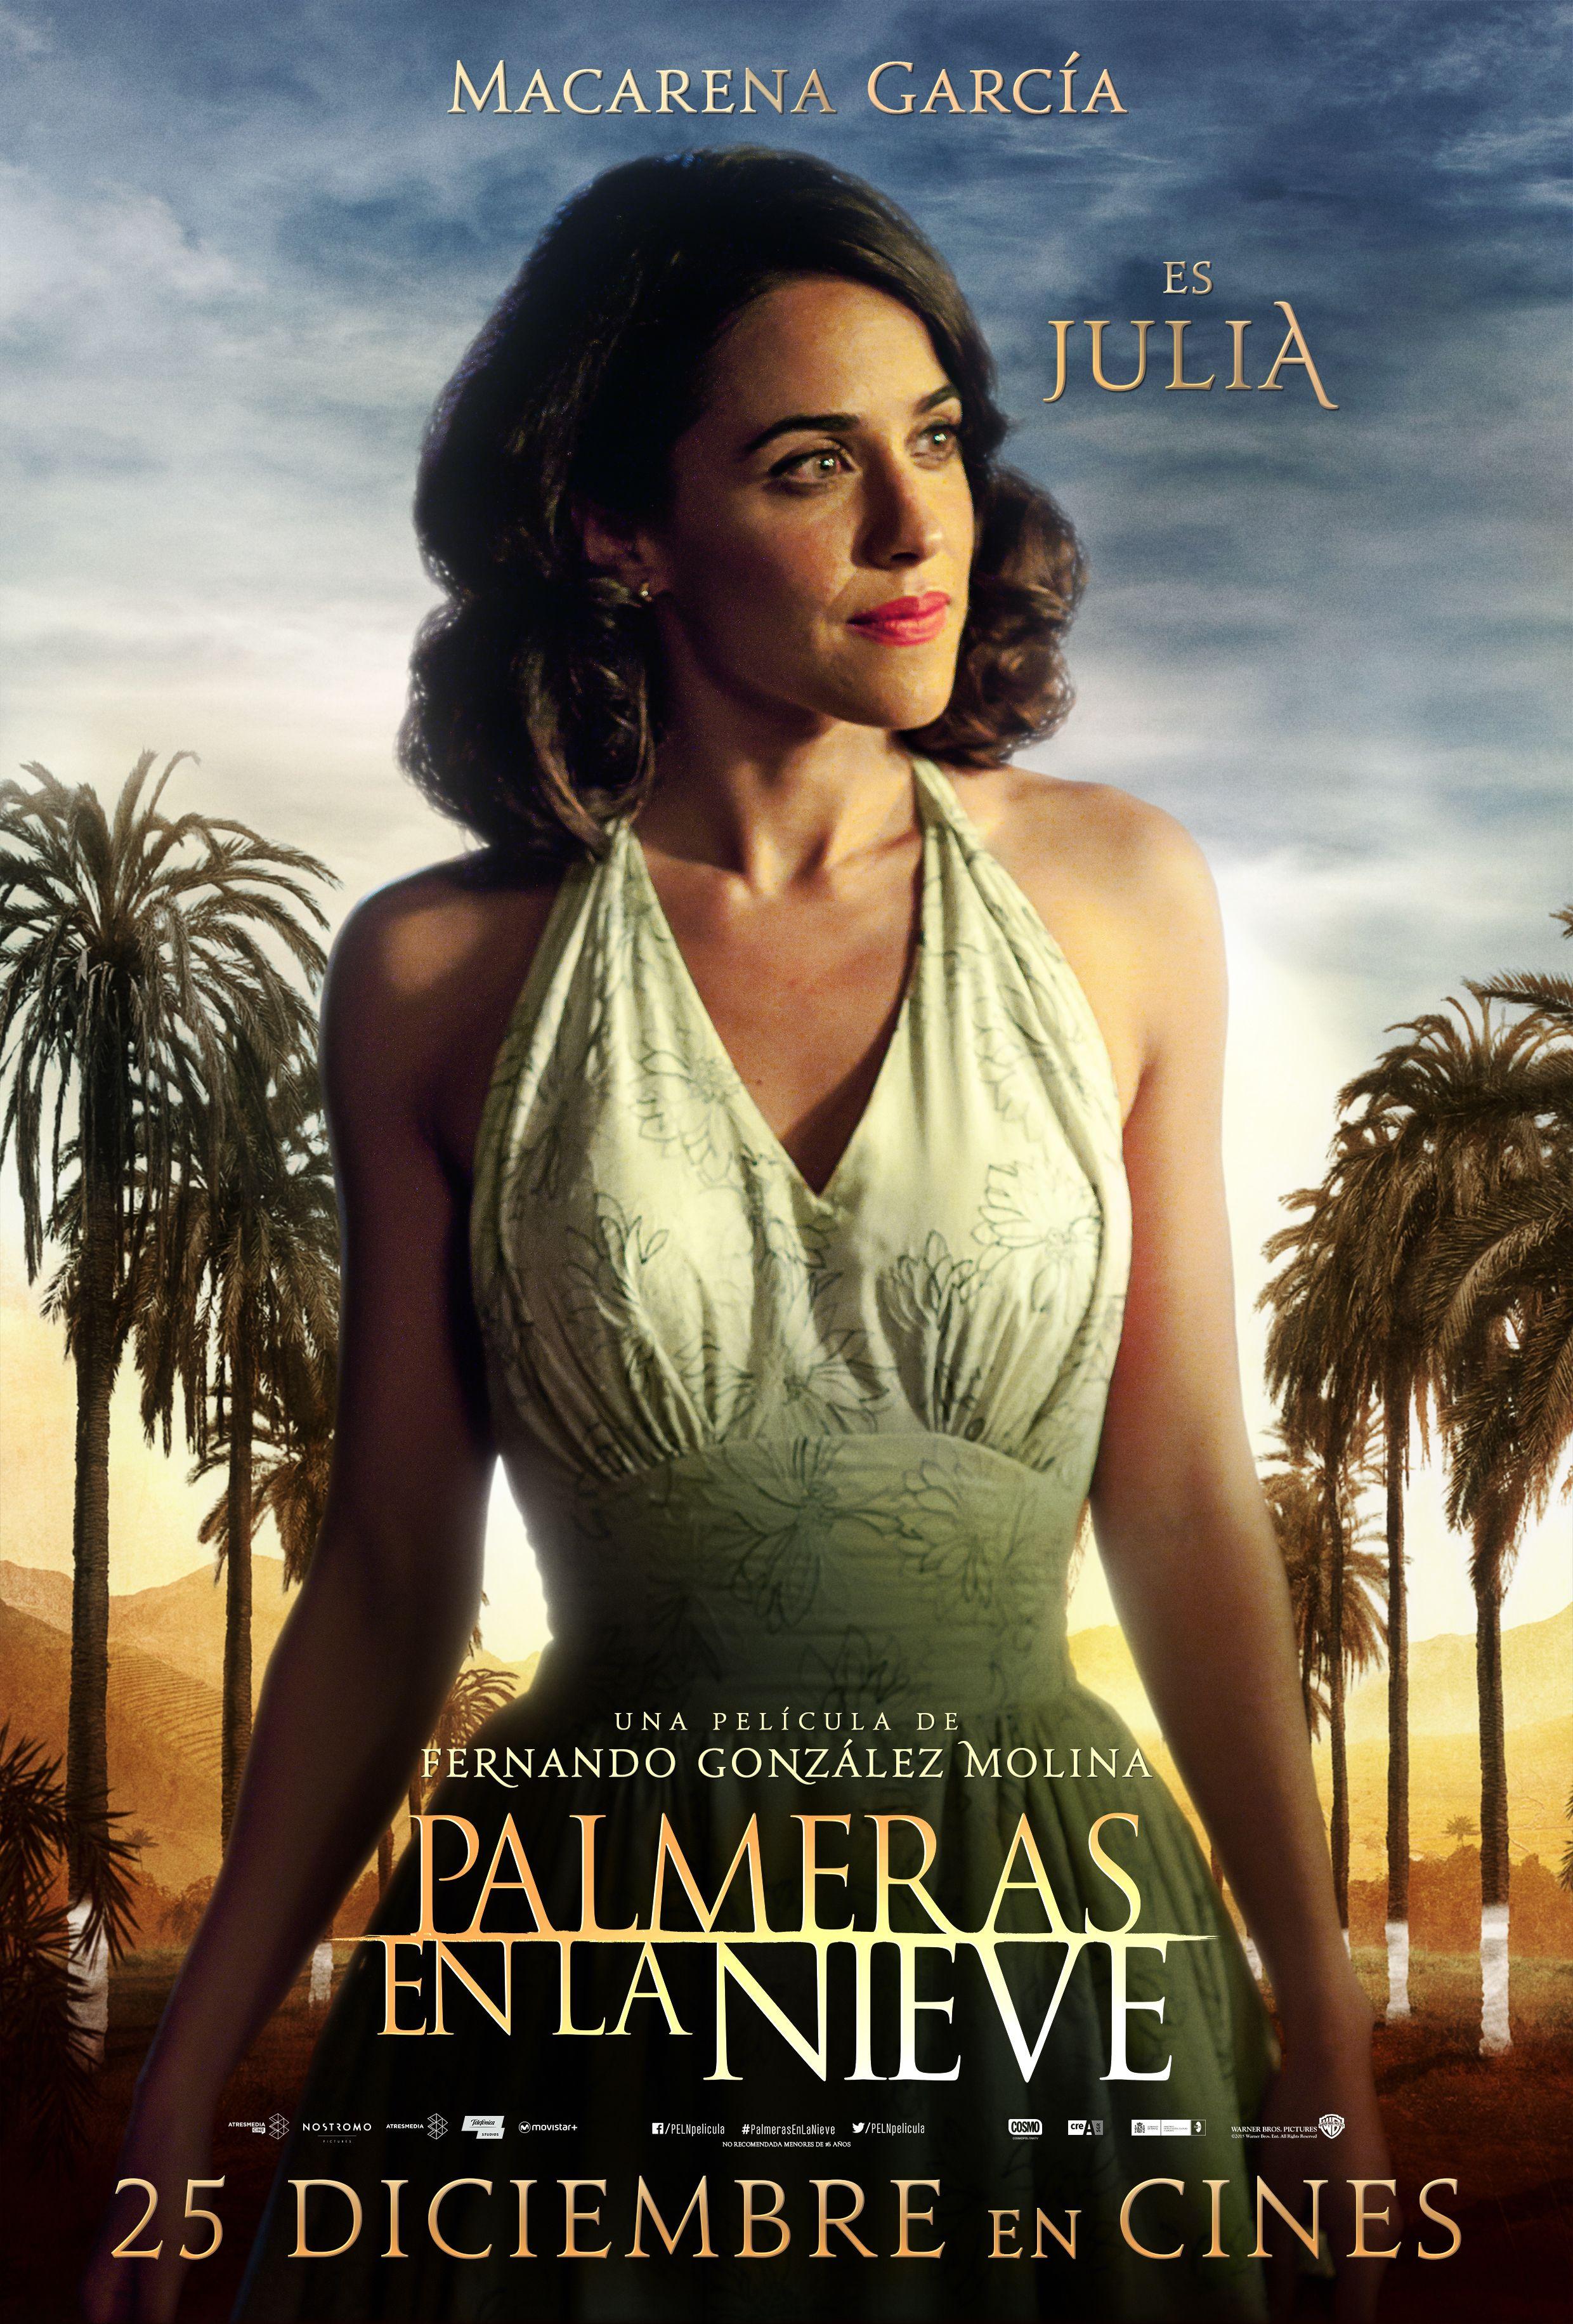 Macarena García es Julia FILM Palmeras en la nieve